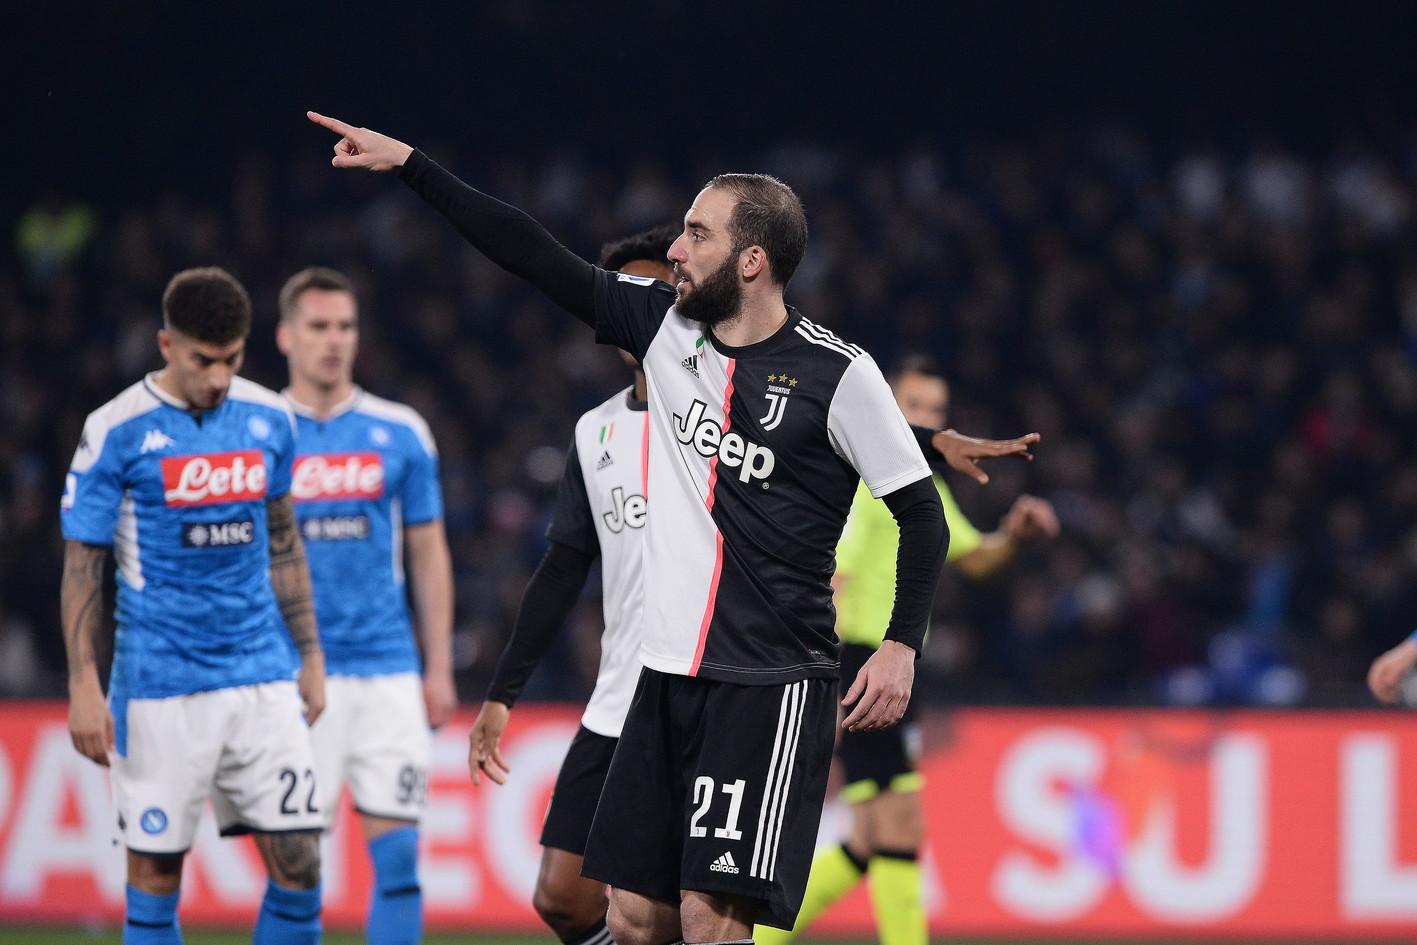 Le immagini della sfida di Serie A: Sarri è tornato a Napoli sfidando la squadra di Gattuso